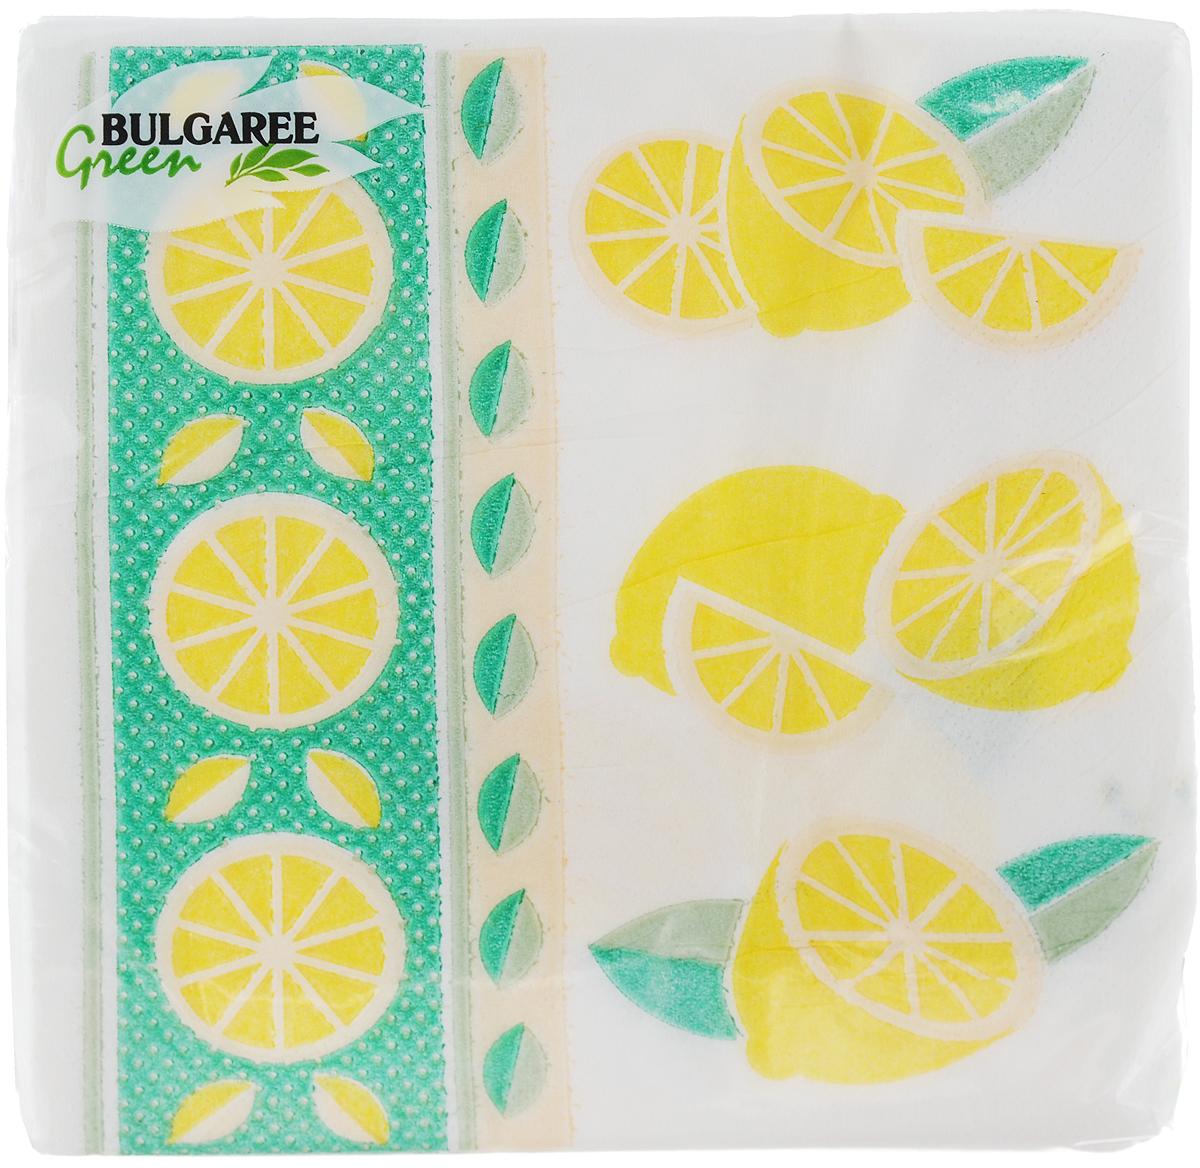 Салфетки бумажные Bulgaree Green Лимон, однослойные, 24 х 24 см, 100 шт391602Декоративные однослойные салфетки Bulgaree Green Лимон выполнены из 100%целлюлозы европейского качества и оформлены ярким рисунком. Изделия станут отличным дополнением любого праздничного стола. Они отличаются необычной мягкостью, прочностью и оригинальностью.Размер салфеток в развернутом виде: 24 х 24 см.